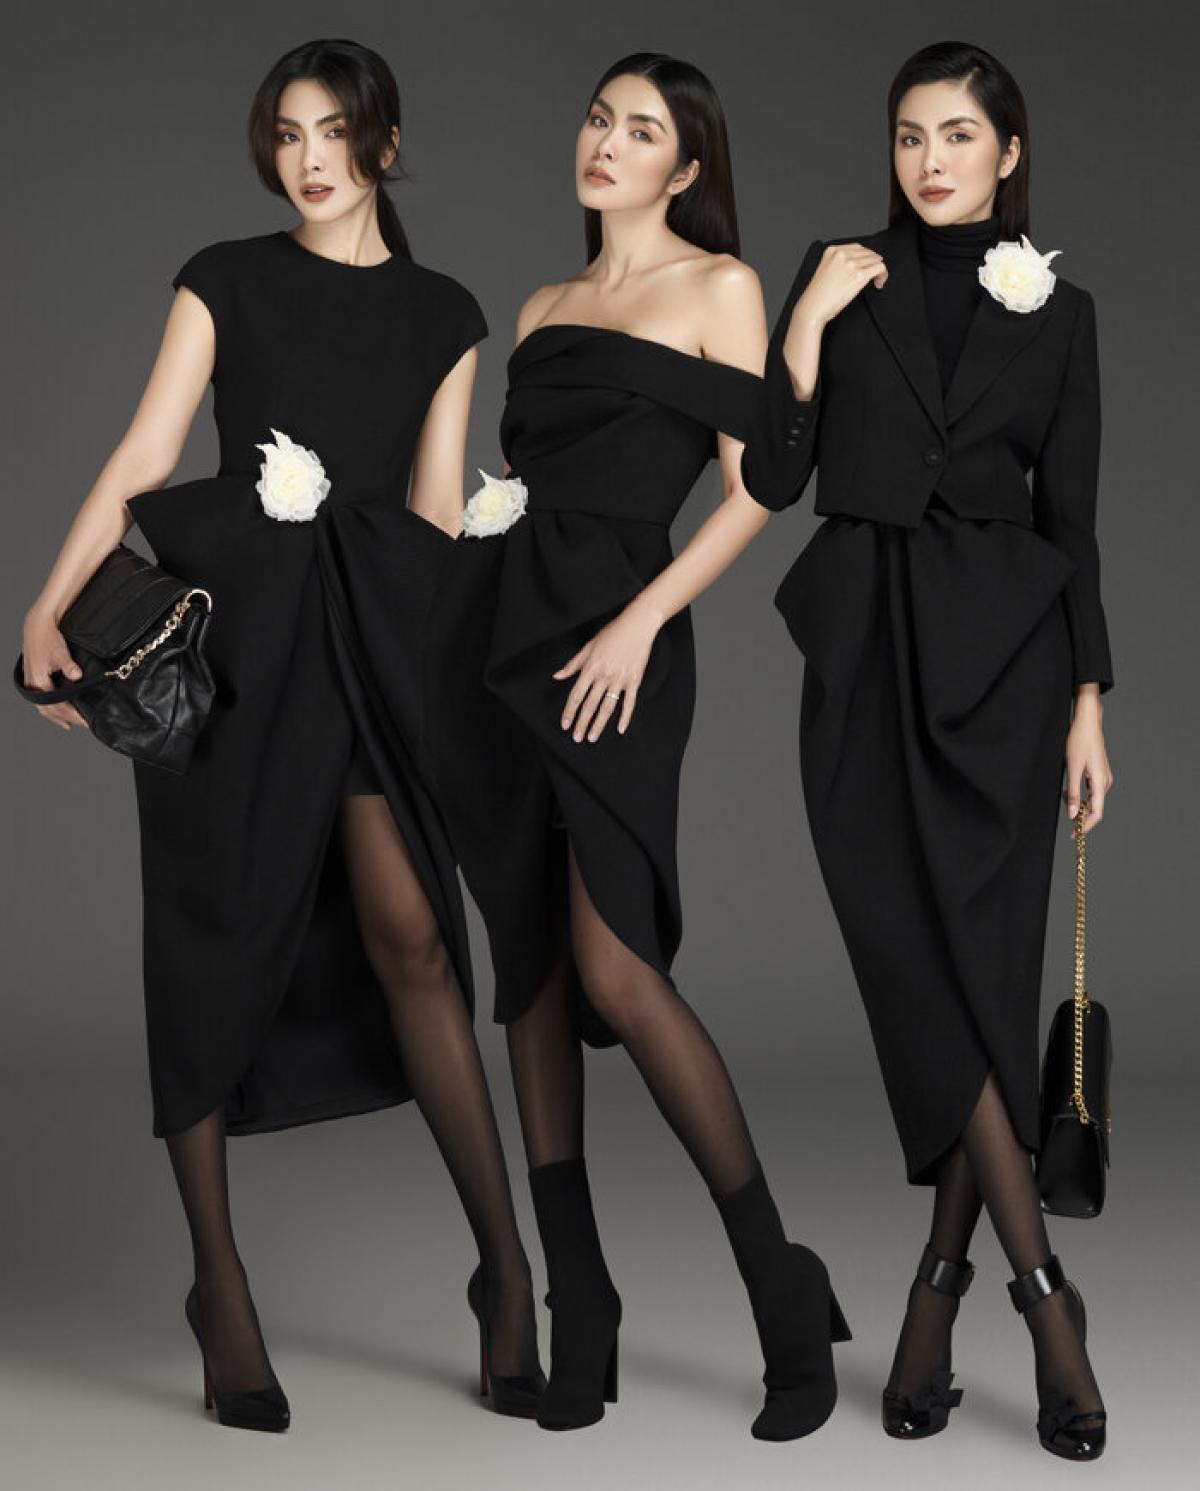 Tăng Thanh Hà biến hoá đa dạng với 3 phong cách khác biệt trong loạt thiết kế mới nhất của Đỗ Mạnh Cường.